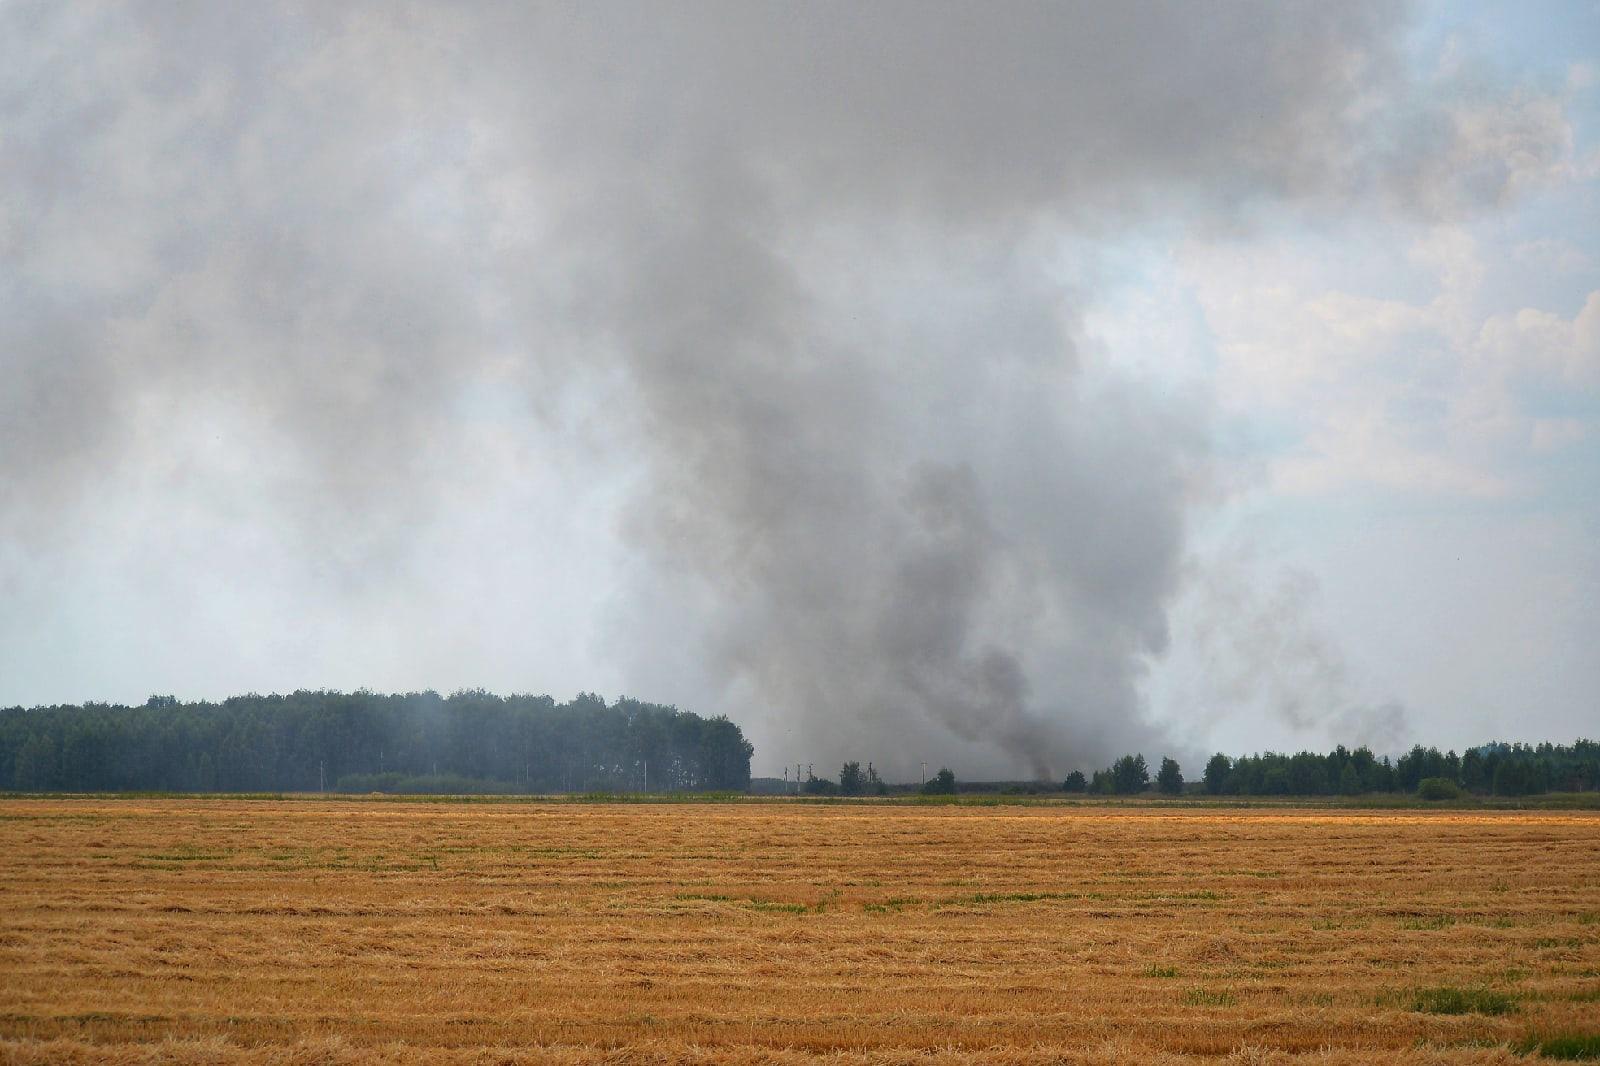 Заметка из экспедиции: проверили горящую свалку в Рязанской области